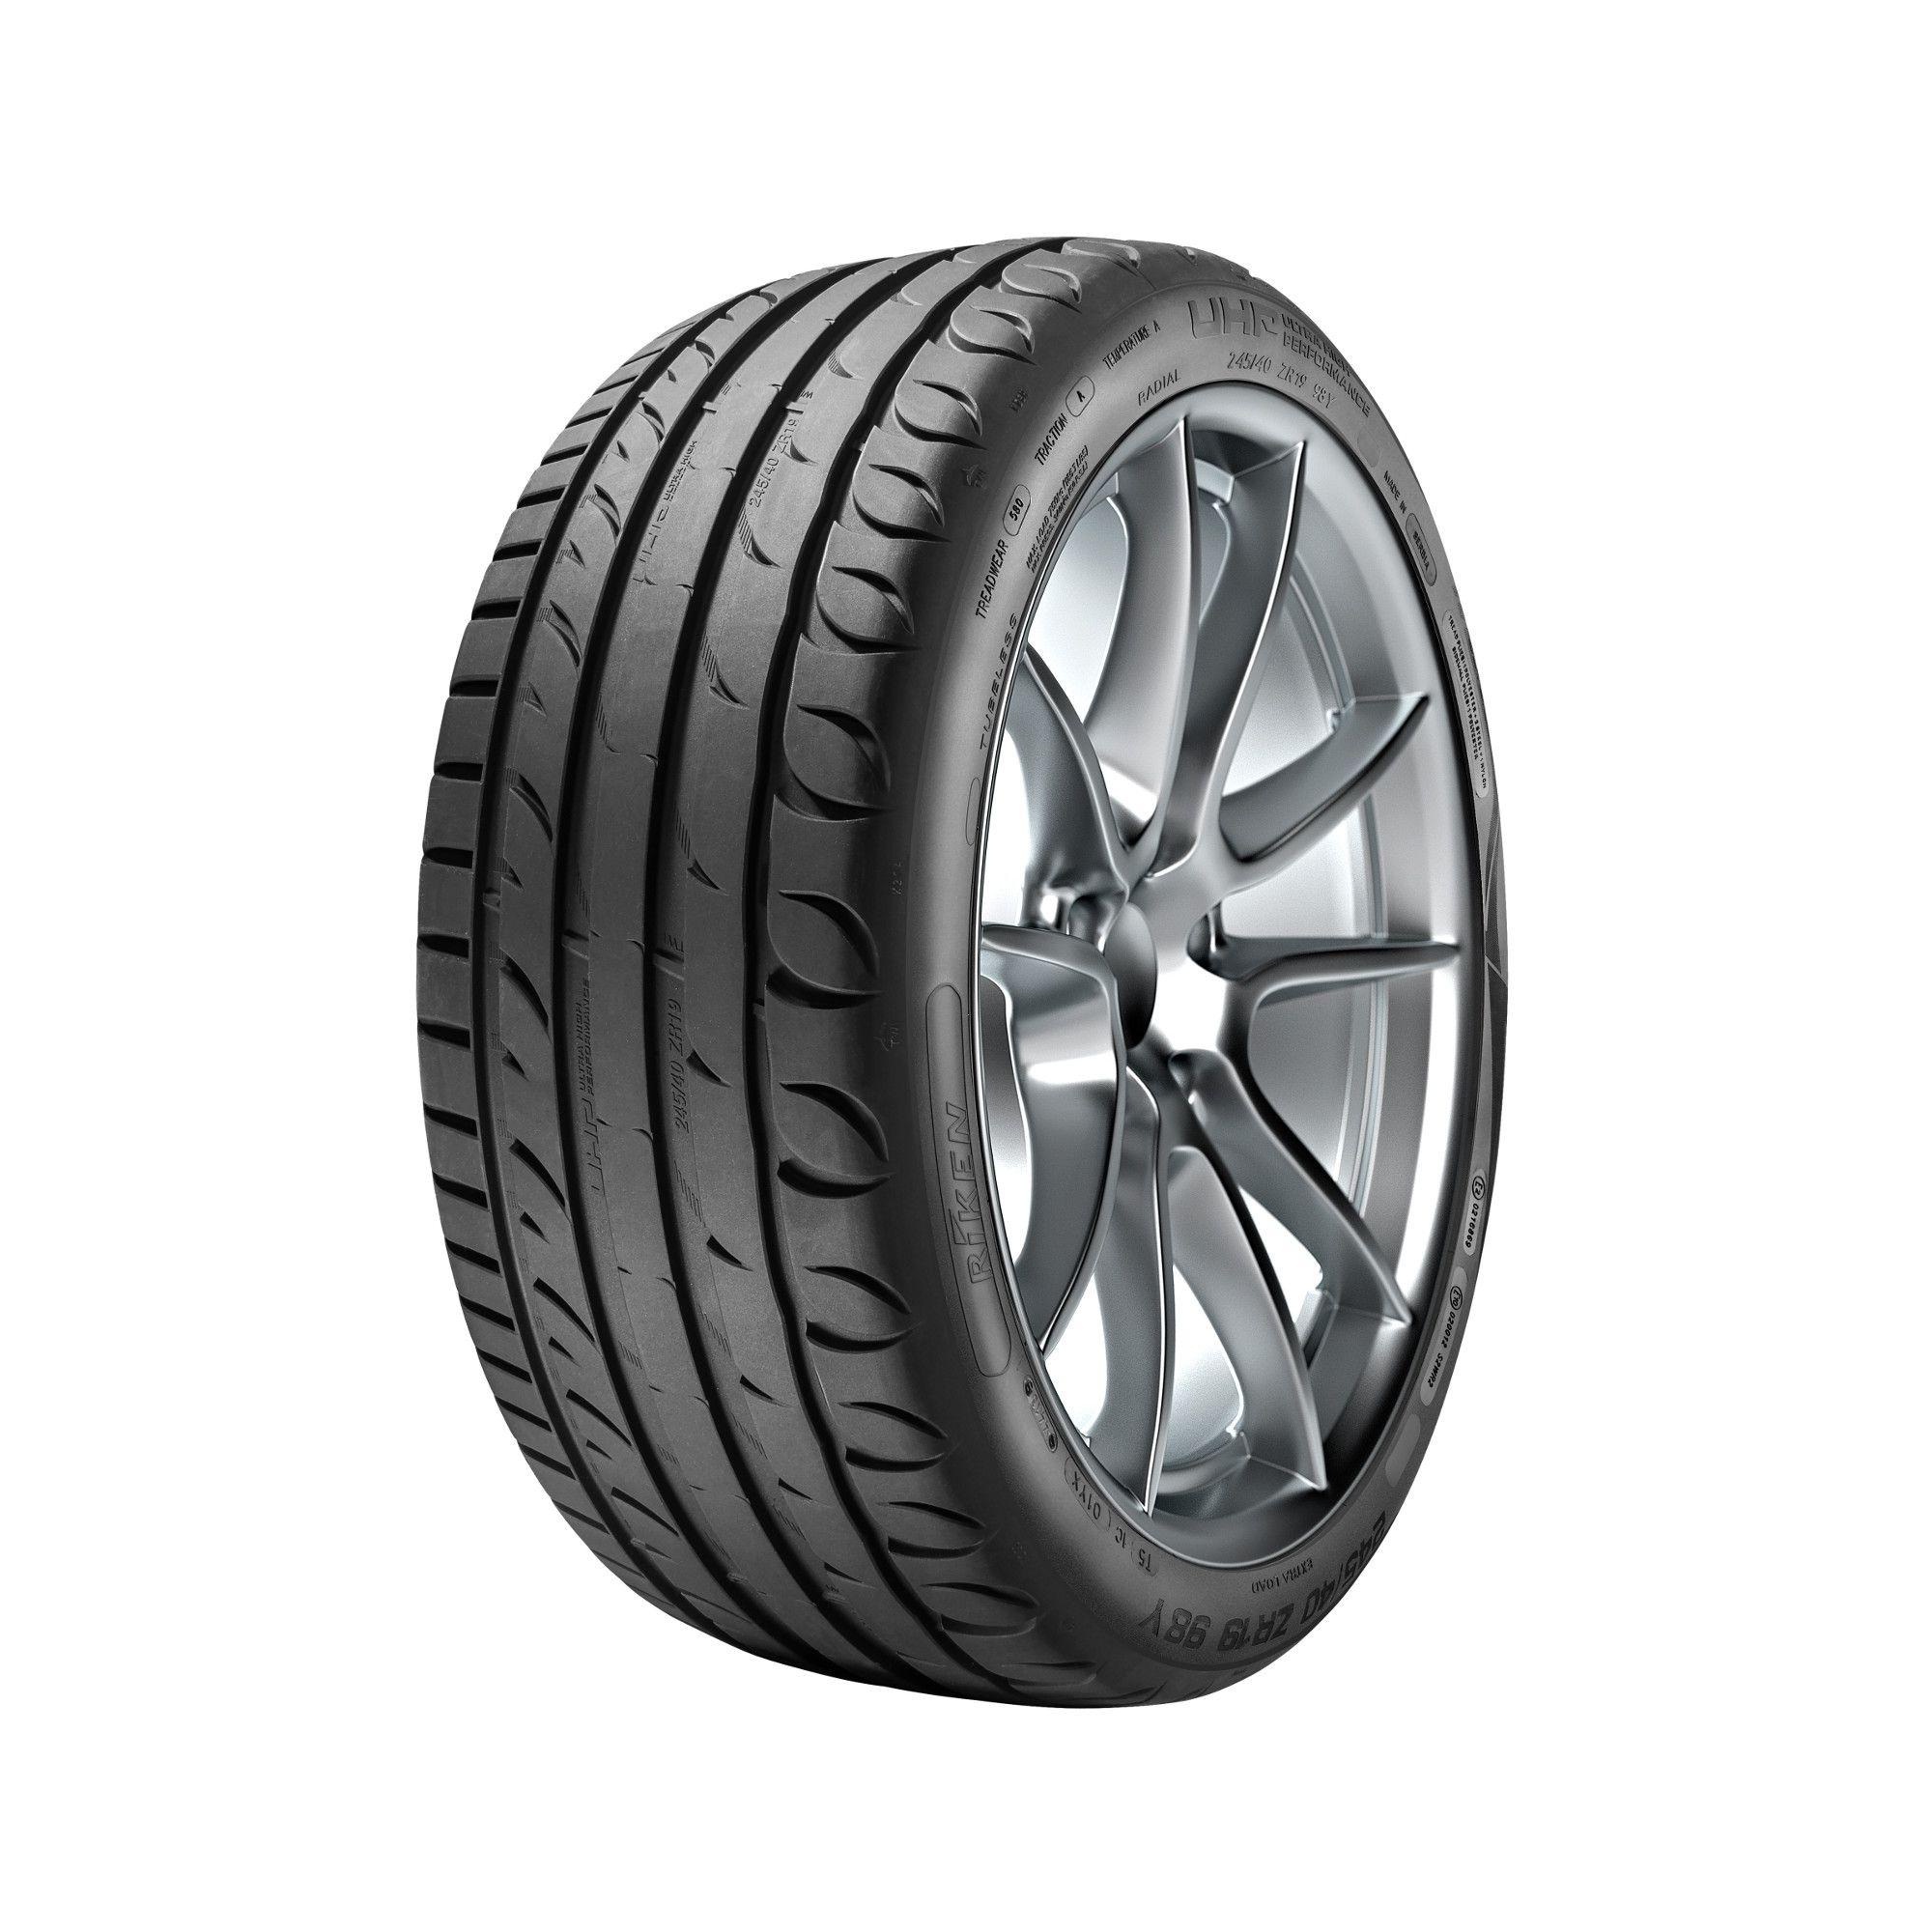 Anvelopa vara RIKEN UHP XL (By Michelin) 245/45 R18 100W